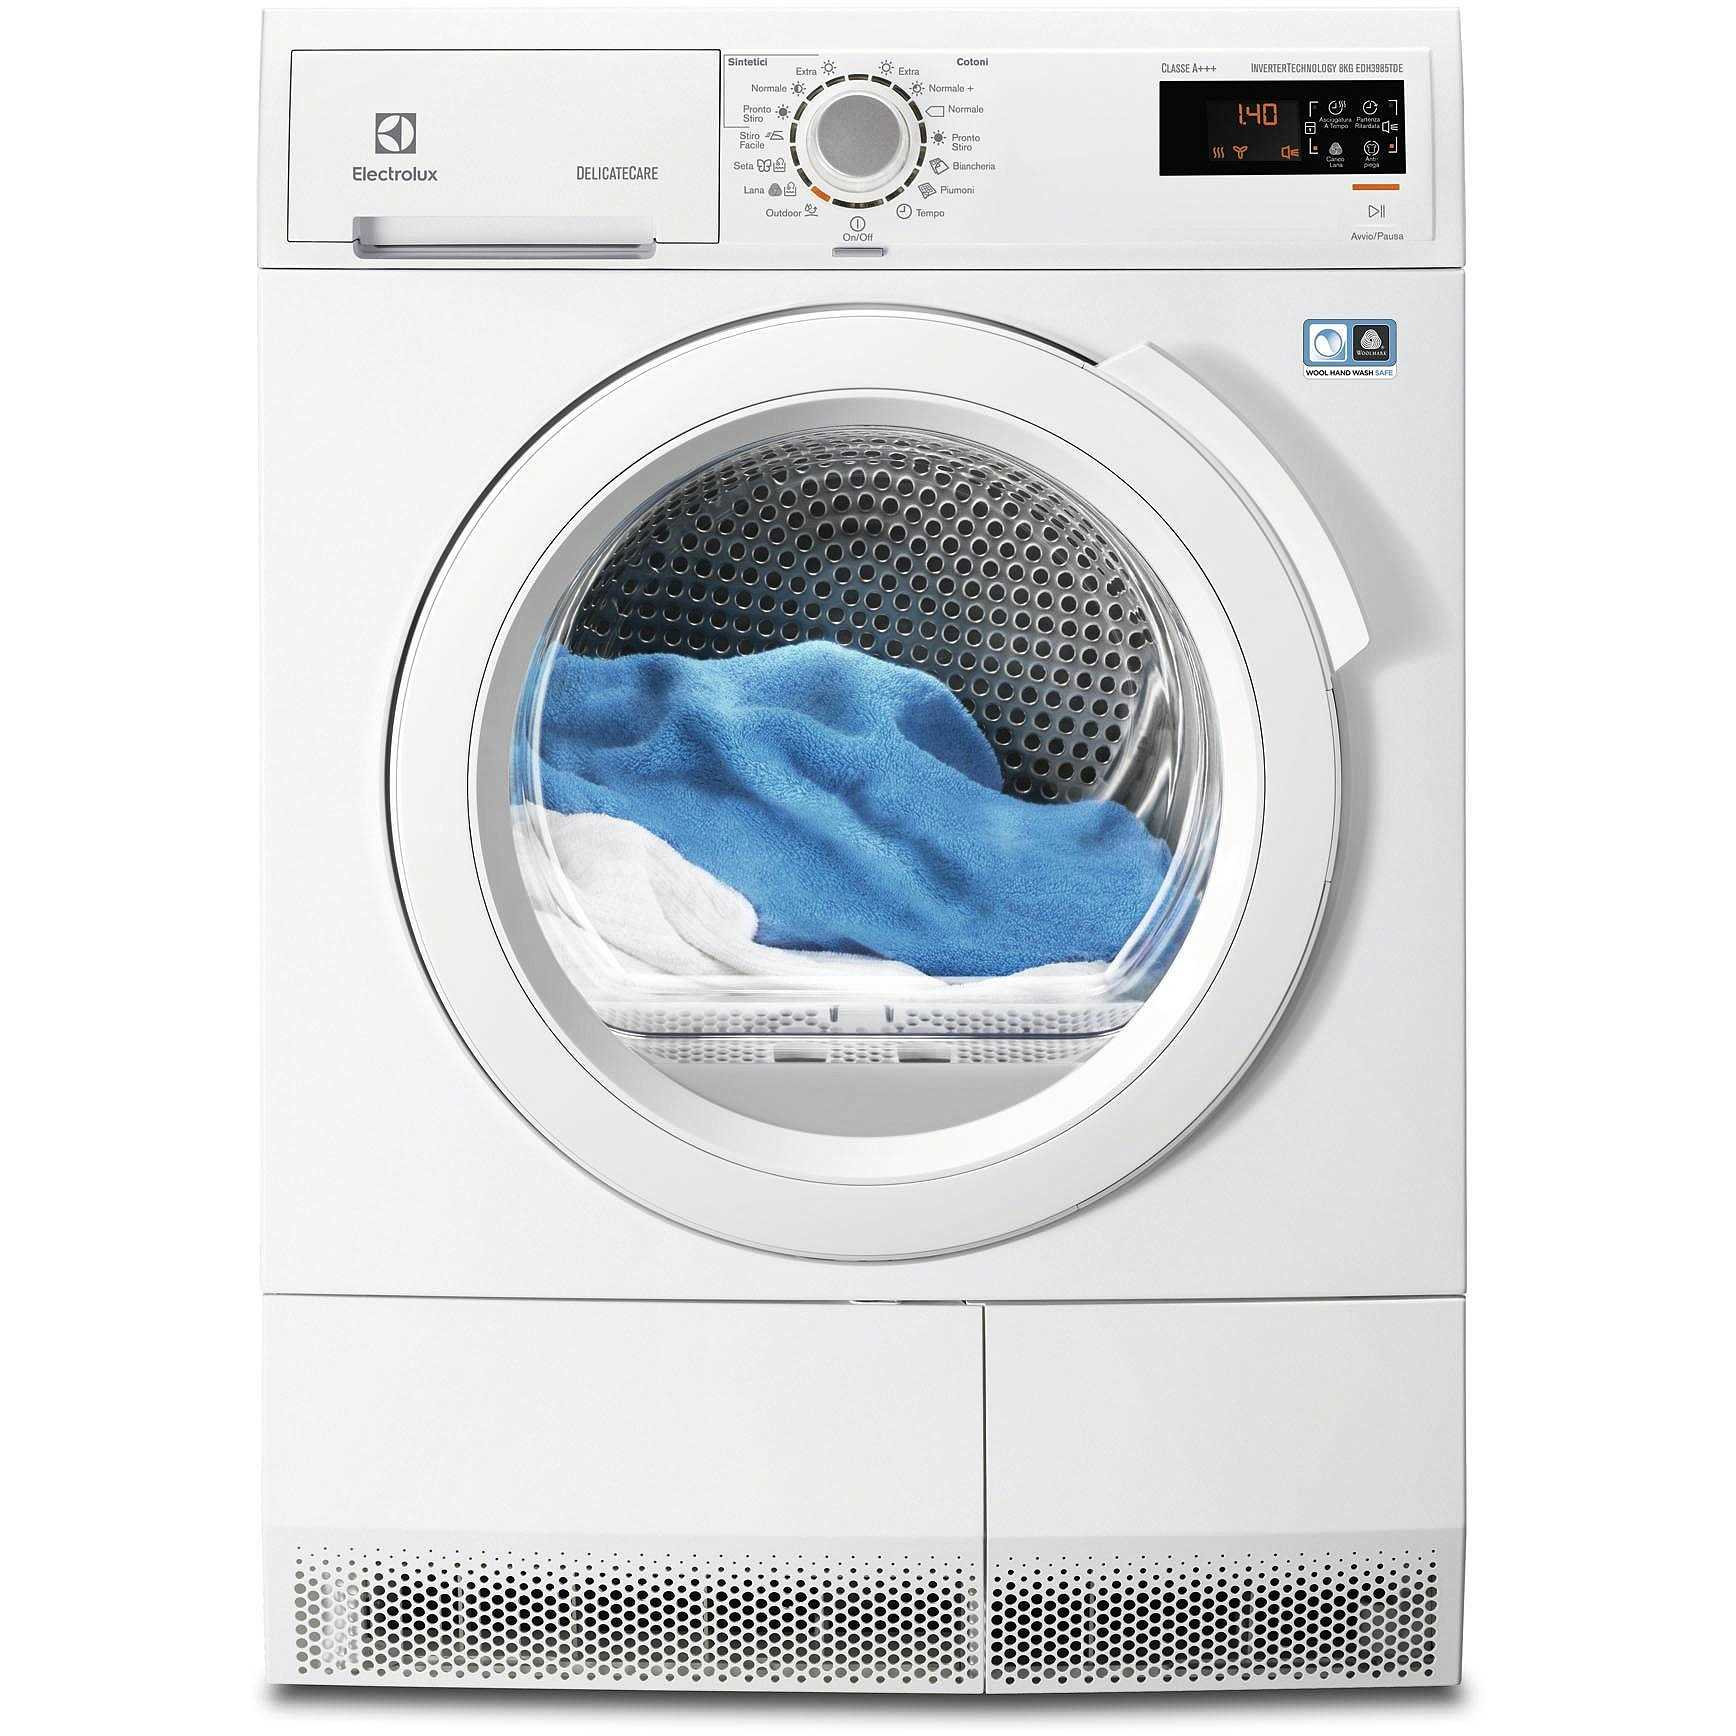 Electrolux edh3985tde asciugatrice a pompa di calore 8 kg for Asciugatrice a pompa di calore